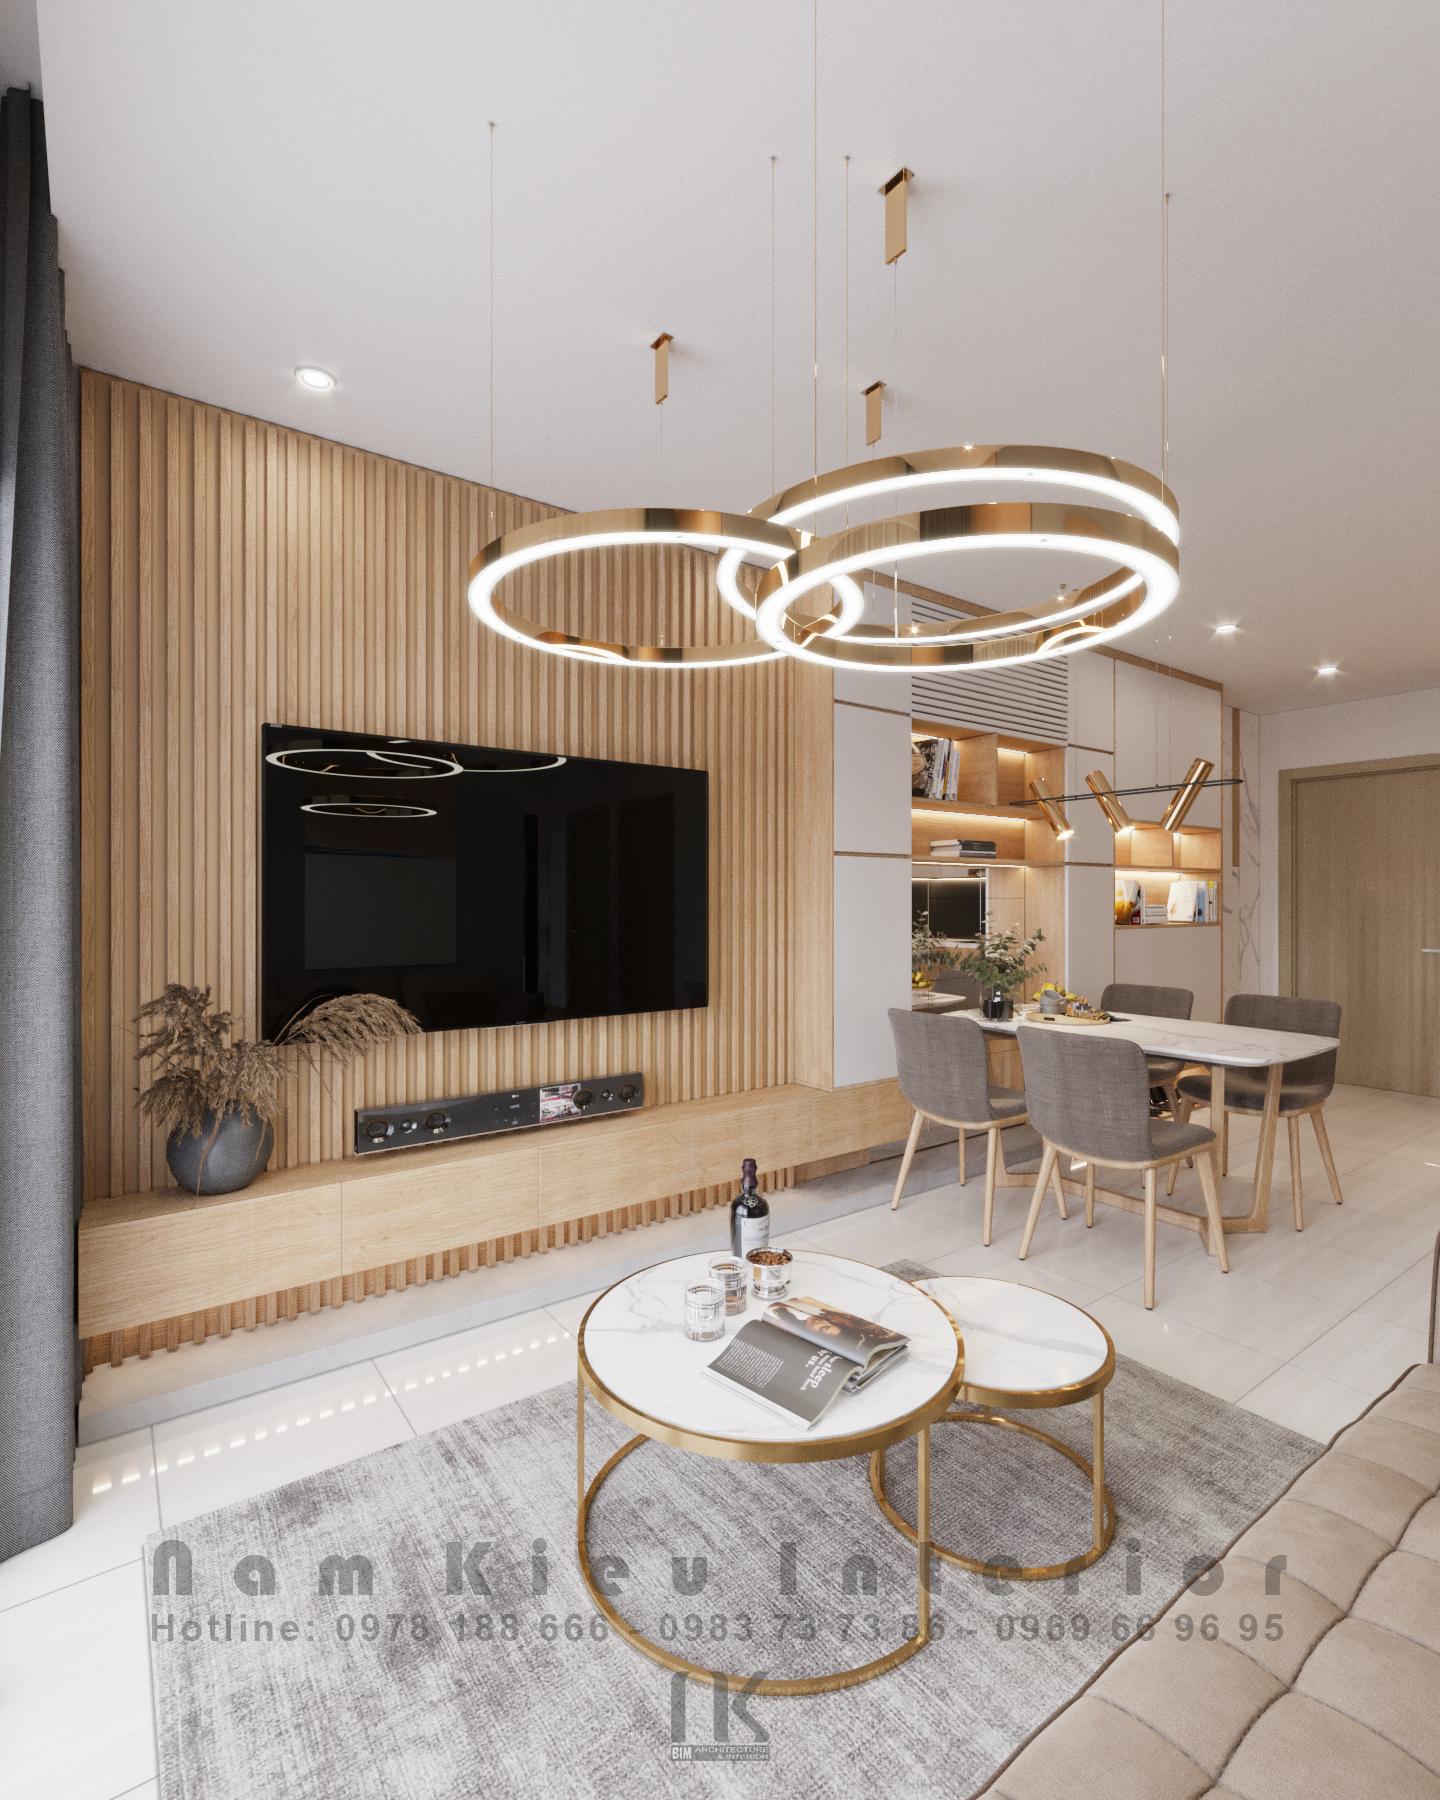 Thiết kế nội thất Chung Cư tại Hà Nội Căn hộ 2PN tại chung cư Vinhomes Smart City 1590635777 4